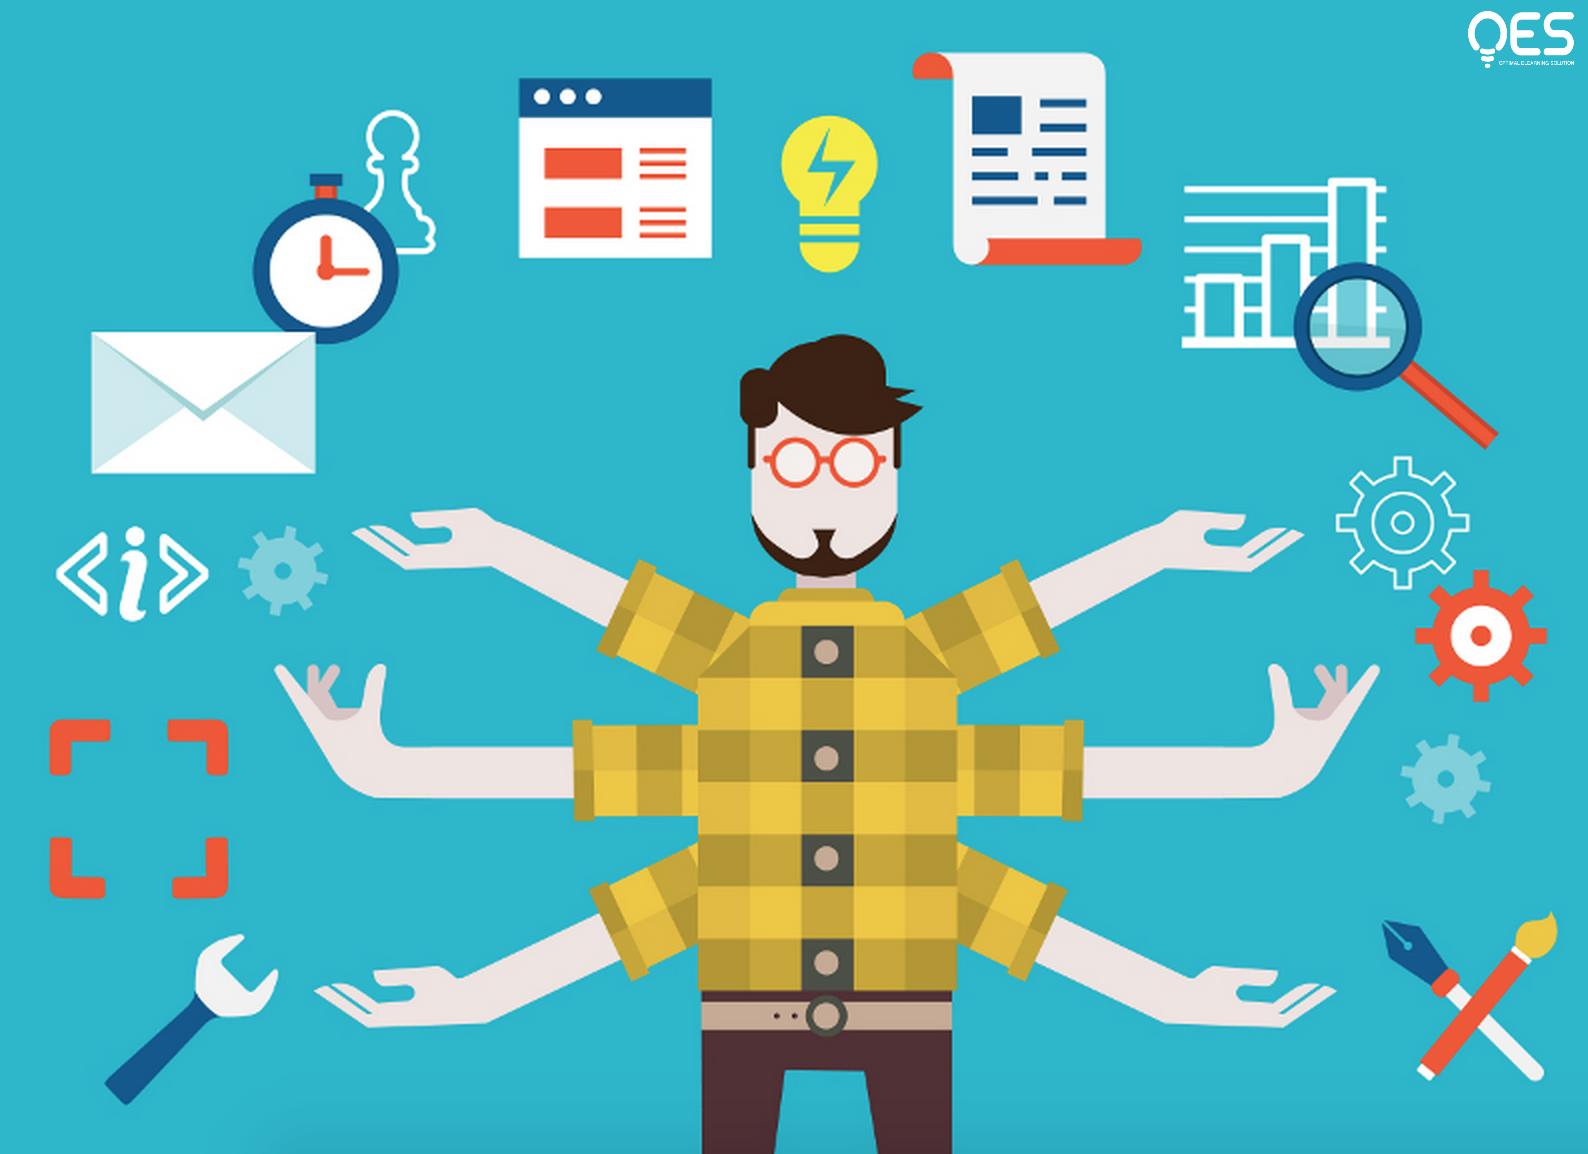 Những kỹ năng mềm online mọi nhân viên văn phòng cần biết - OES - CÔNG TY  CỔ PHẦN DỊCH VỤ ĐÀO TẠO TRỰC TUYẾN